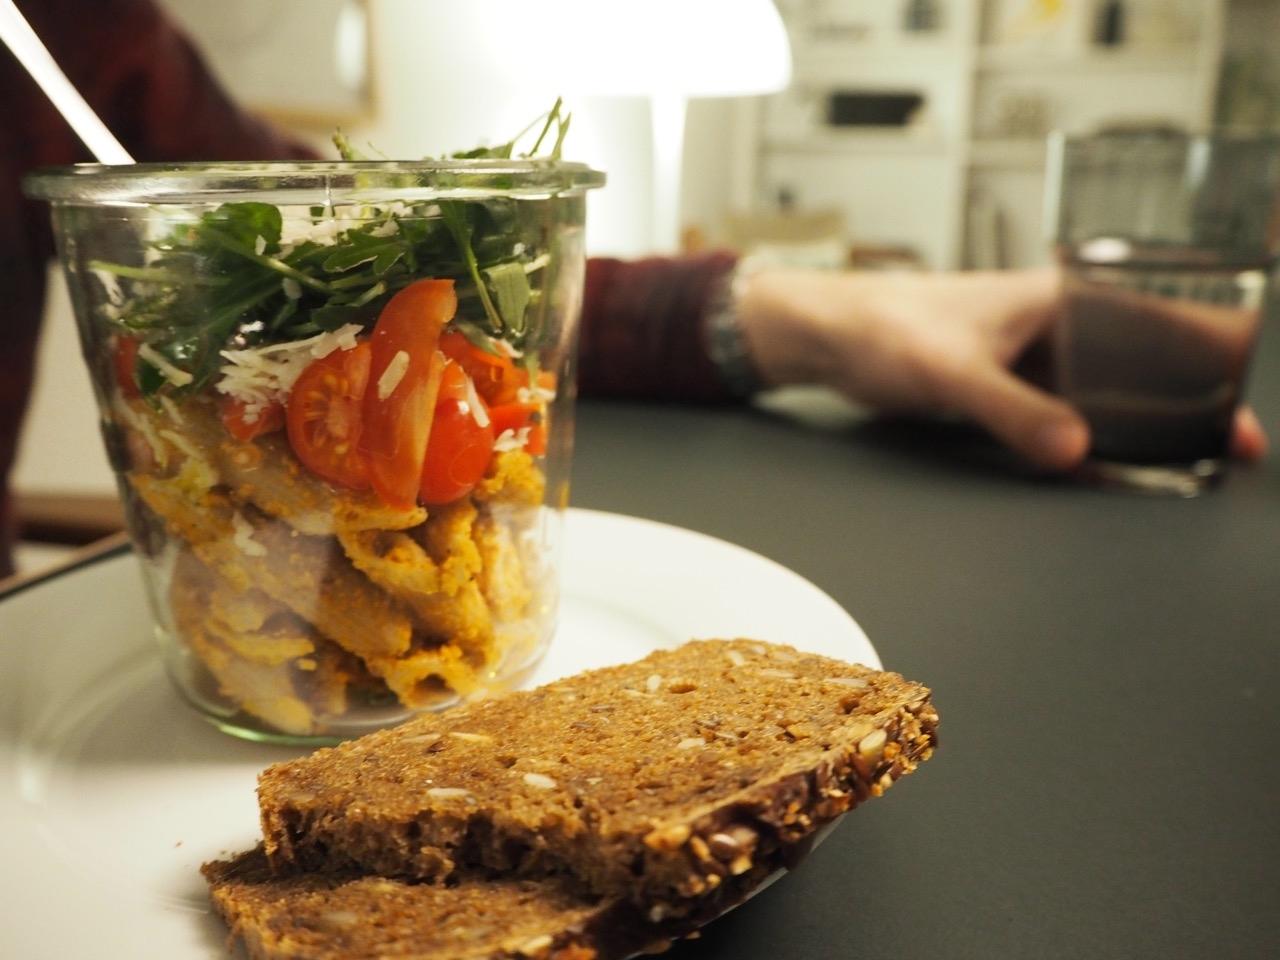 Salater_i_glas_kogebog